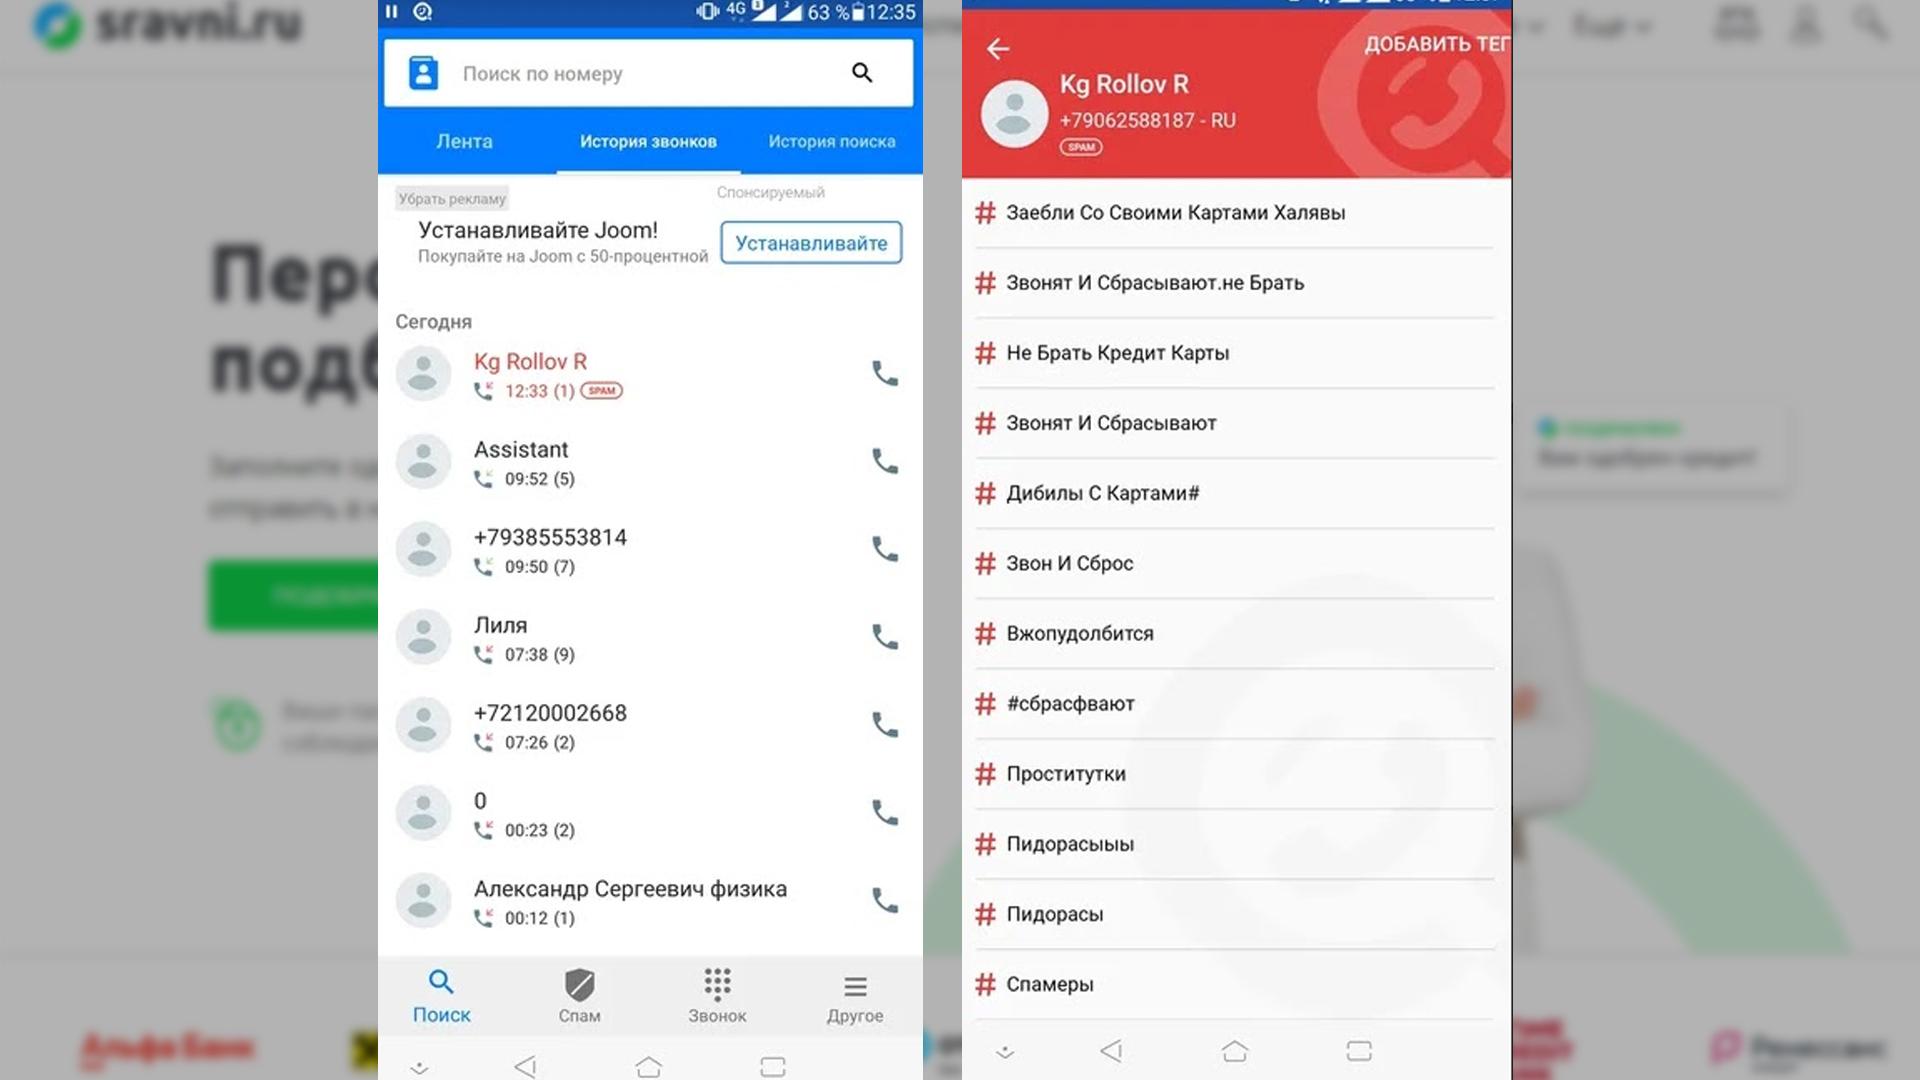 Номер телефона определен приложением Getcontact как спамный.